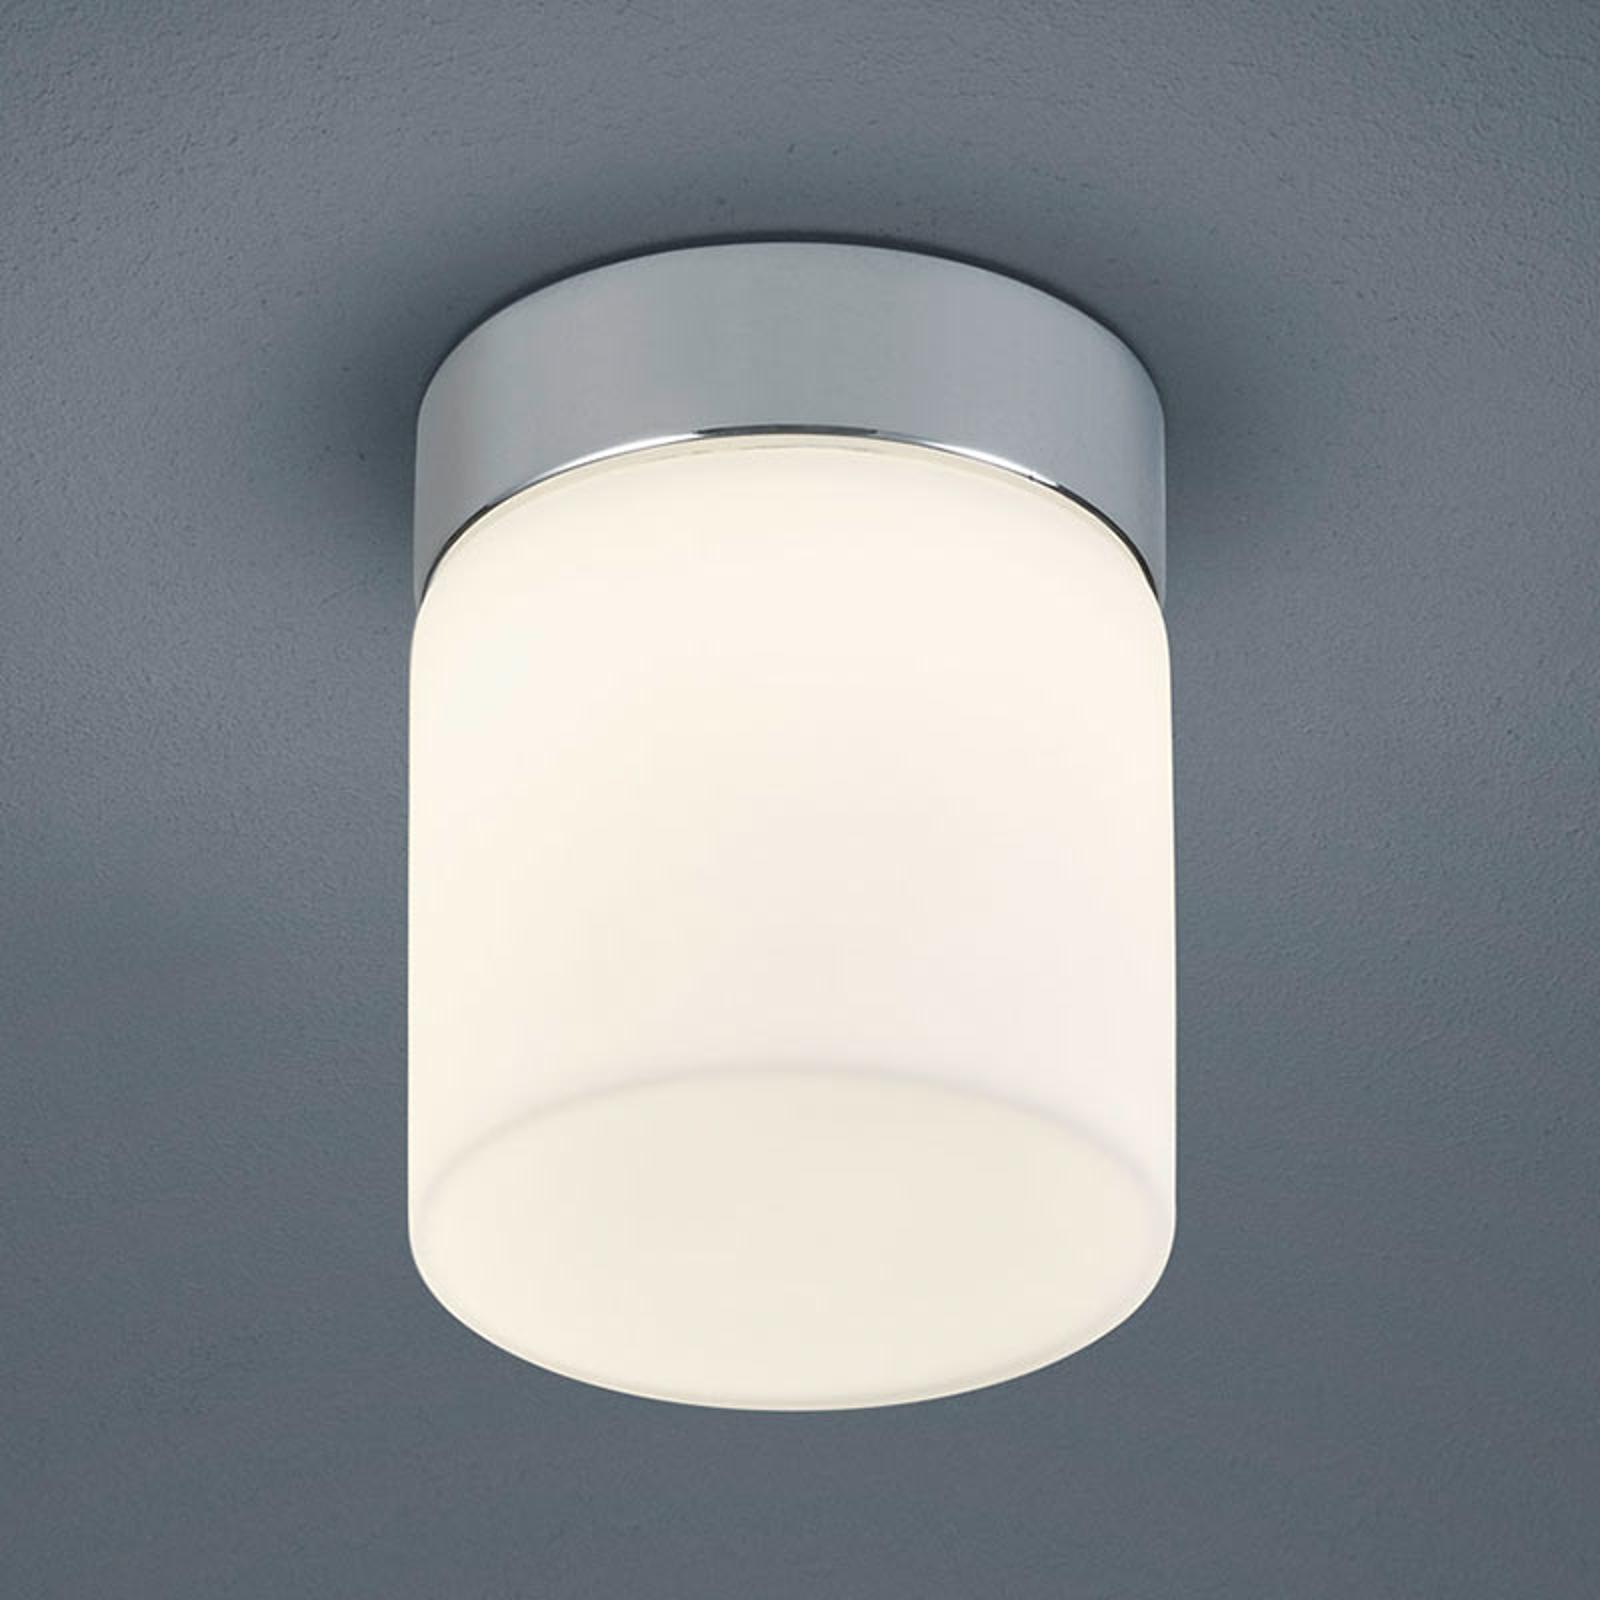 Helestra Keto - LED-loftlampe til badet, cylinder